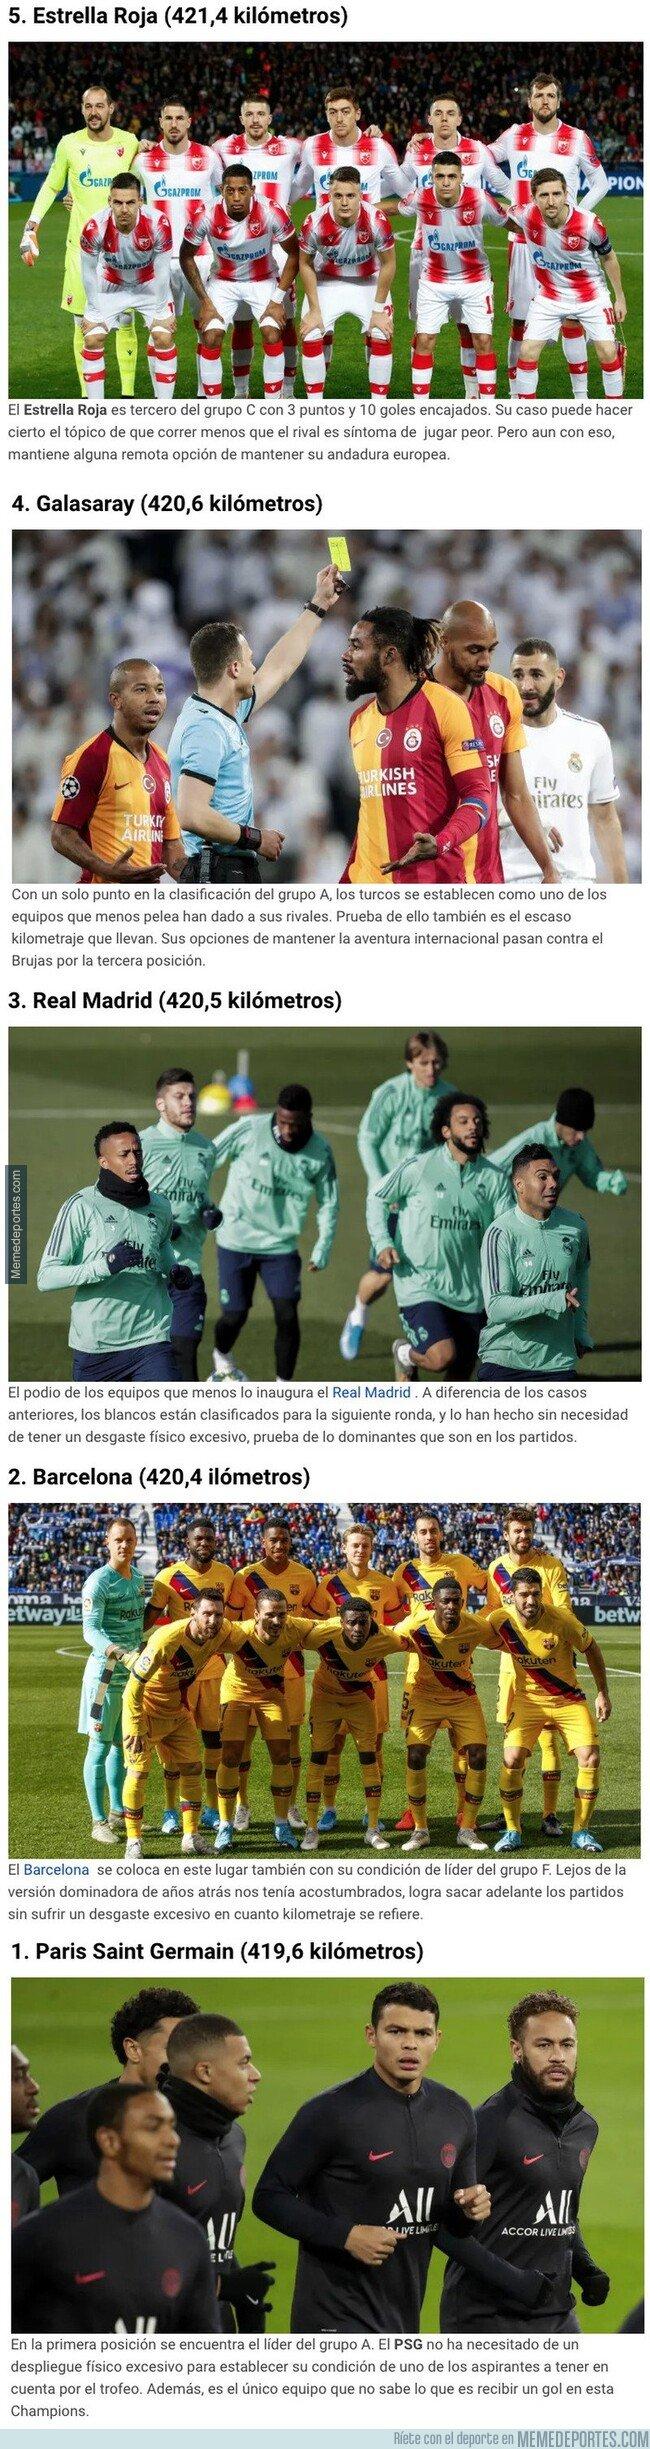 1092027 - Estos son los 5 equipos que menos han corrido en lo que va de Champions League